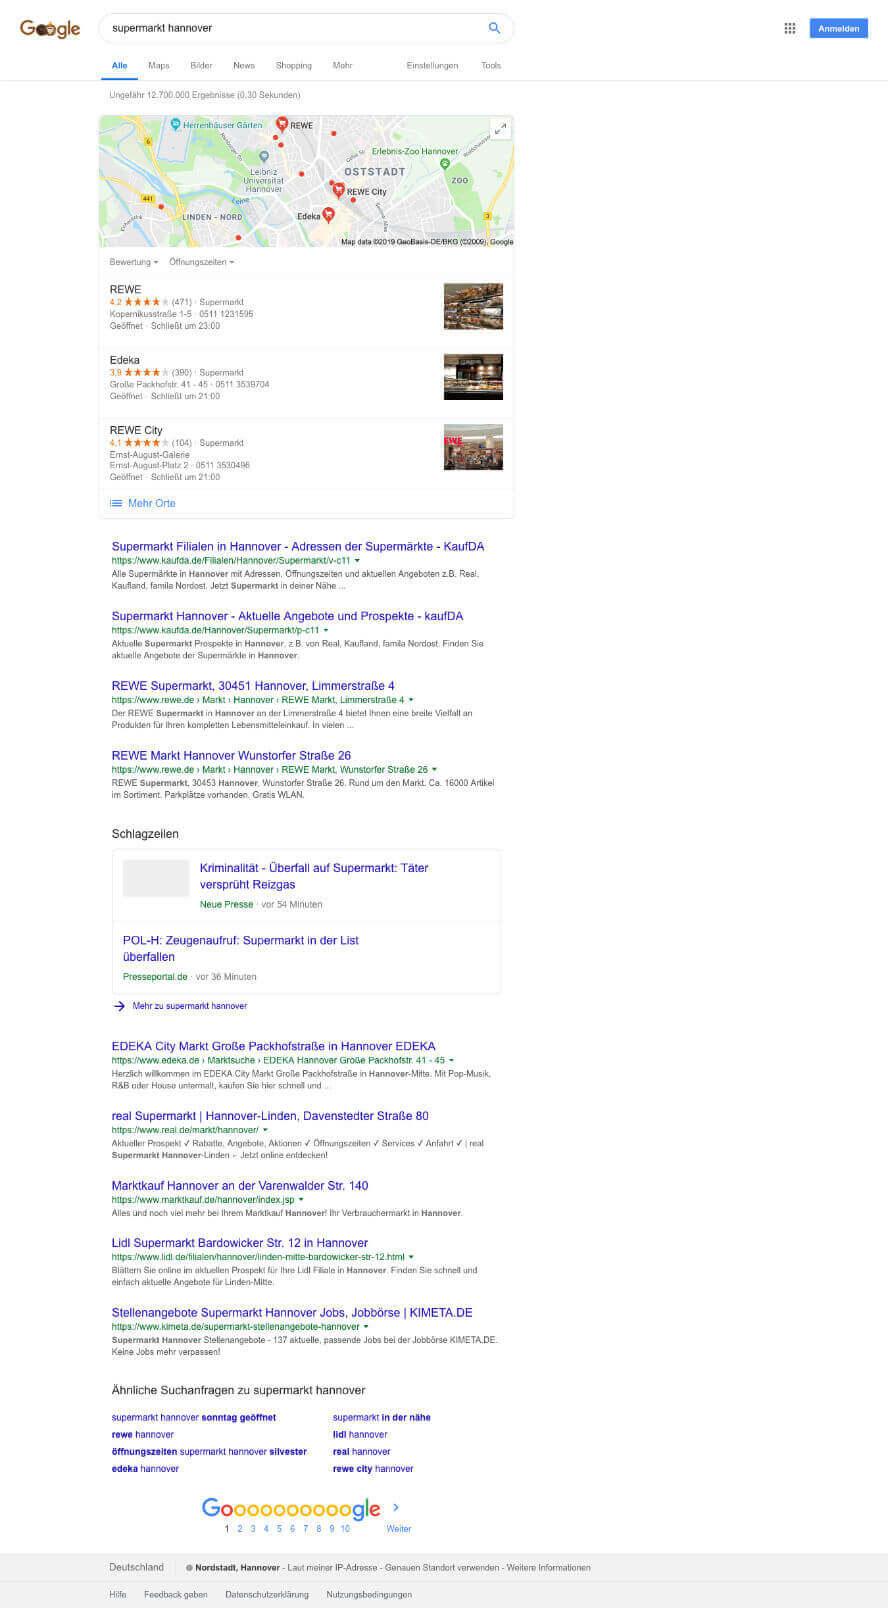 supermarkt-hannover-google-suche